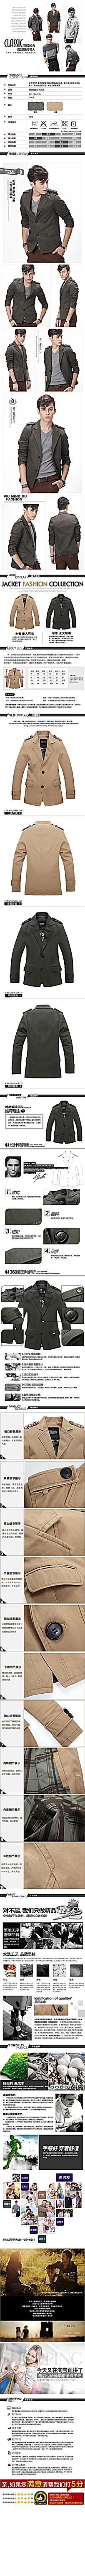 男士休闲夹克商品详情图组